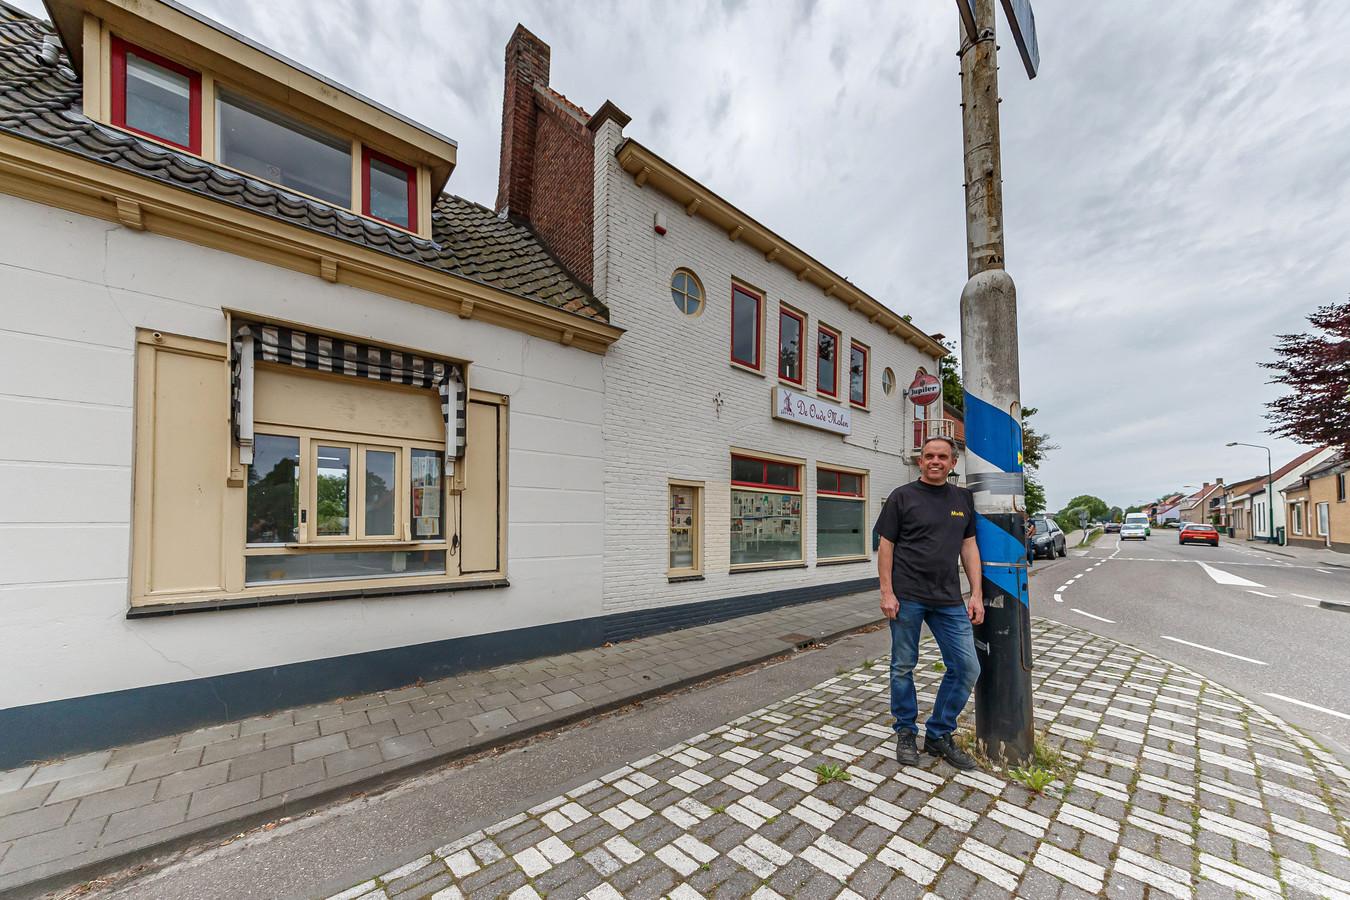 Mick van Slobbe heeft dit pand, voormalig eetcafé De Oude Molen, gekocht. Het wordt verbouwd om er migranten in te vestigen.